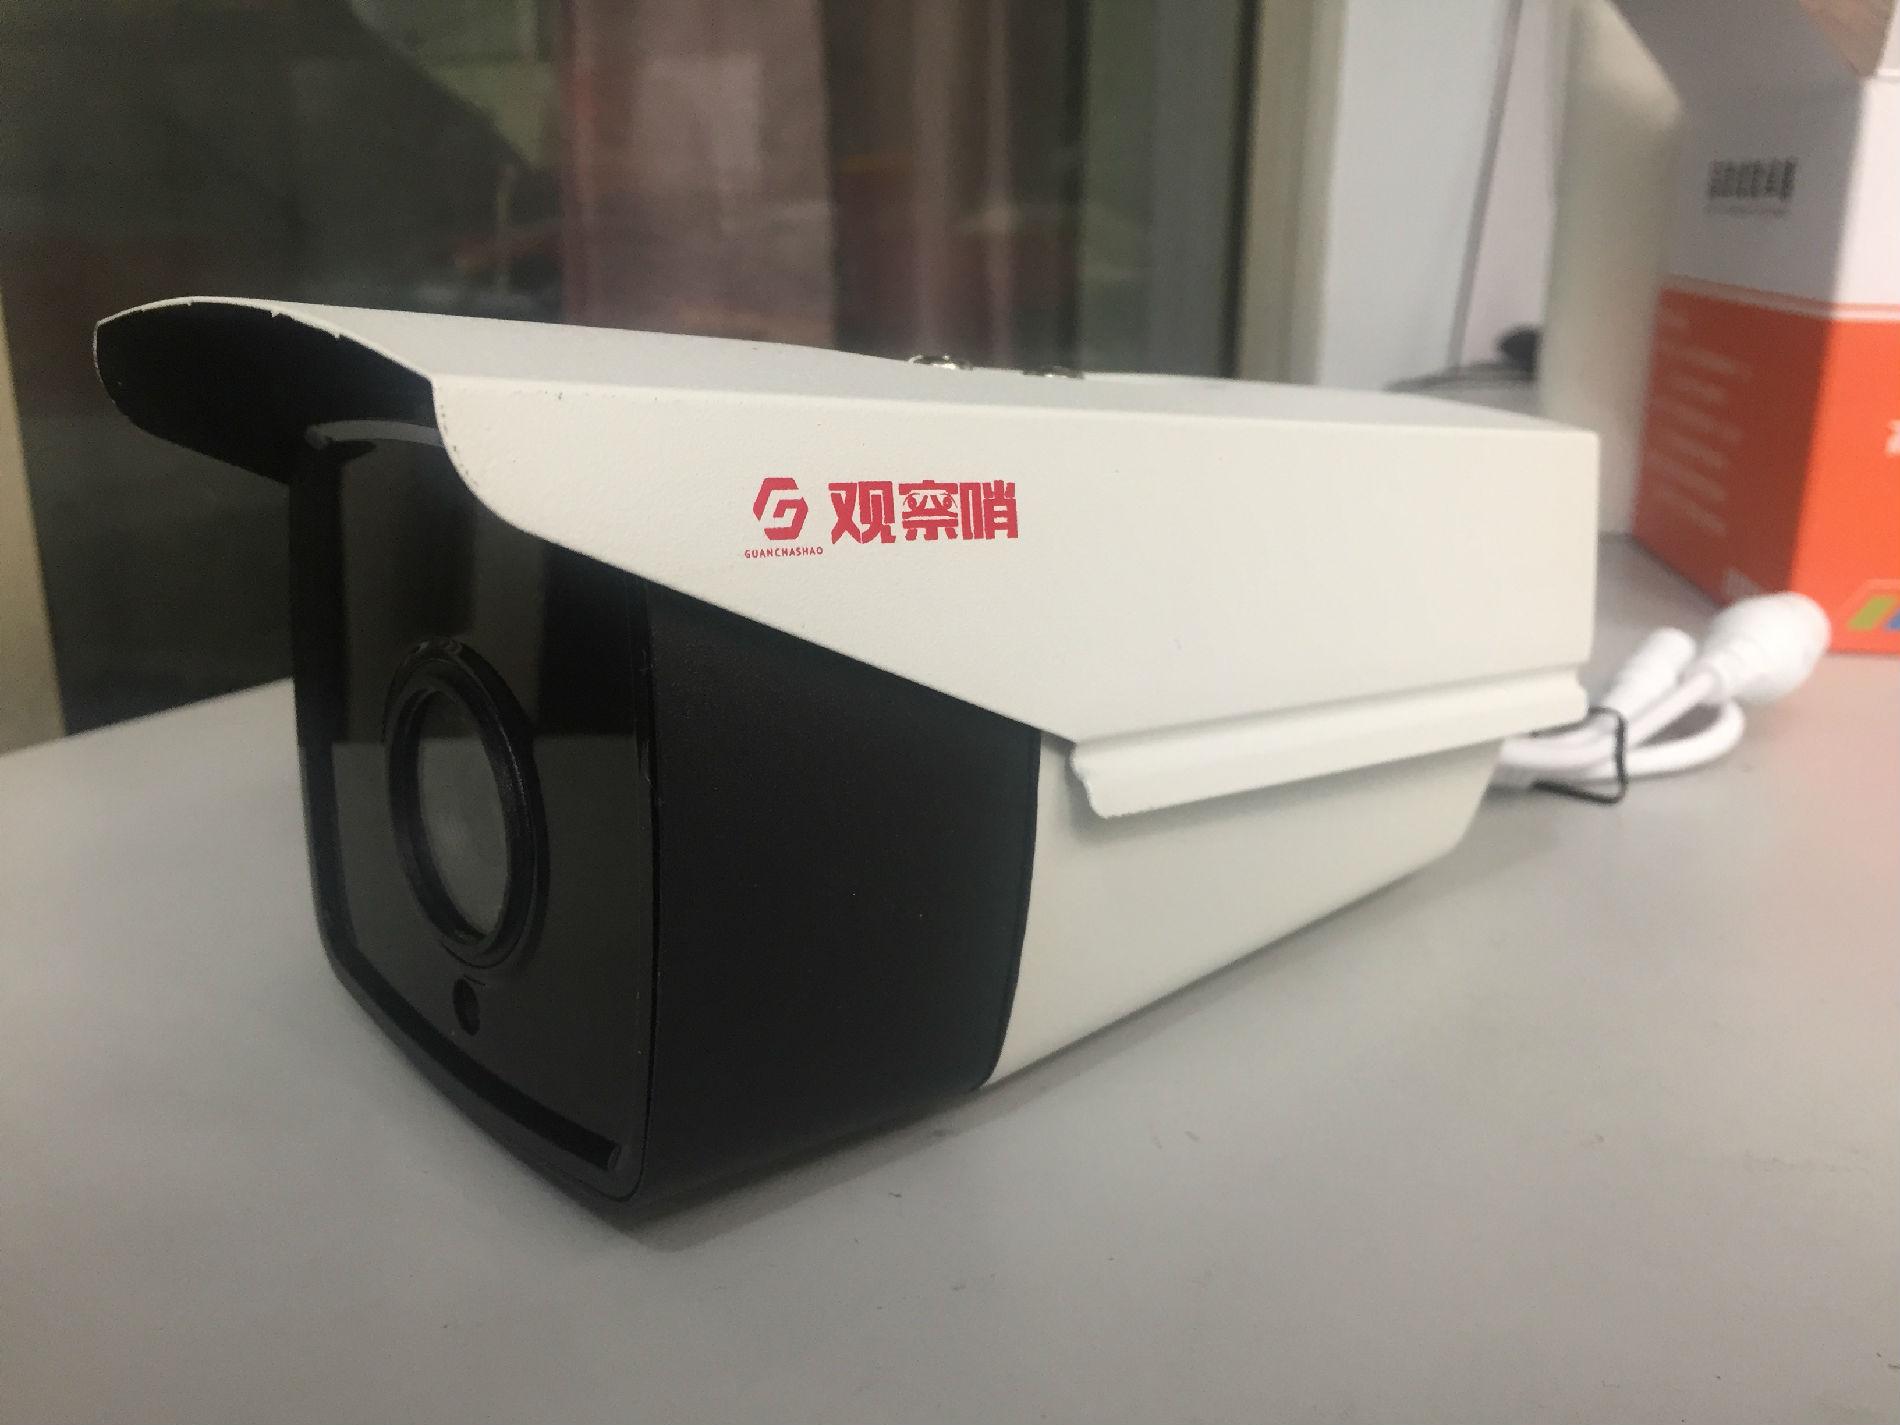 观察哨  H.265+ 200万高清红外摄像机  超低存储  质量稳定